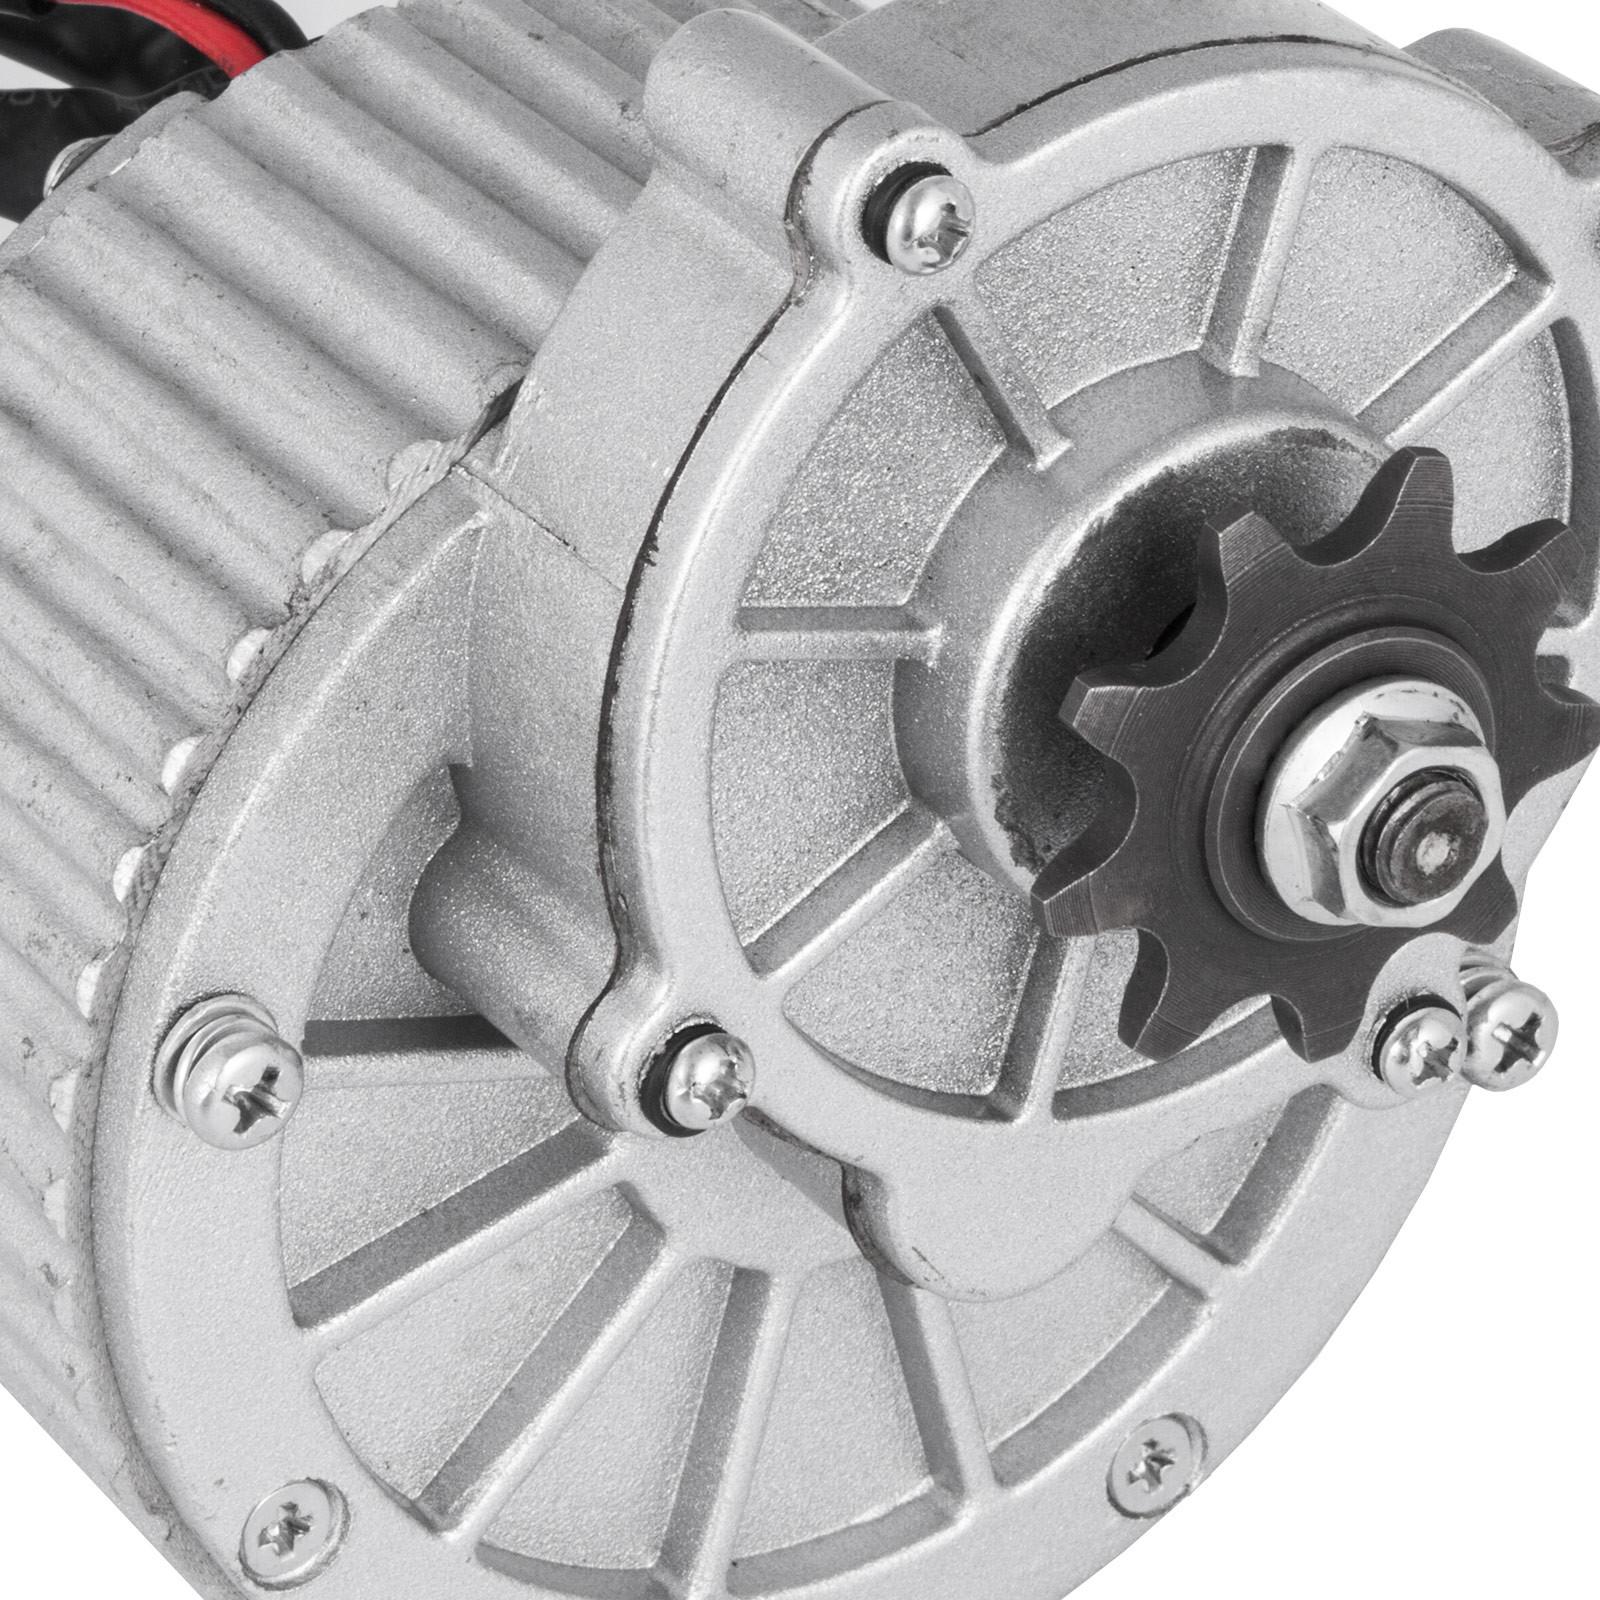 Electric-Motor-E-bike-Motor-controller-kit-DC-24v-12v-Minibike-E-Scooter-ATV thumbnail 67